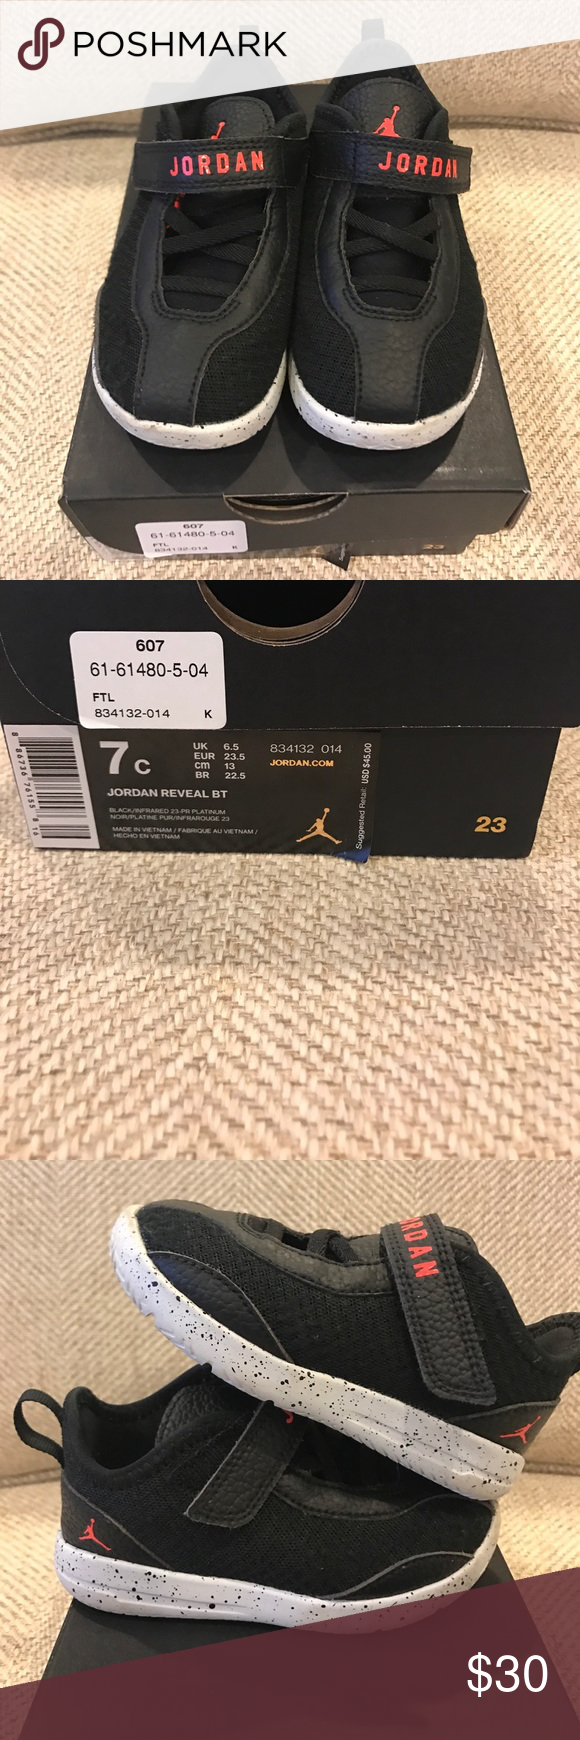 c8811a0bd7c 62 Best Jordan Reveal images | Discount jordans, Discount sneakers, Jordan  reveal